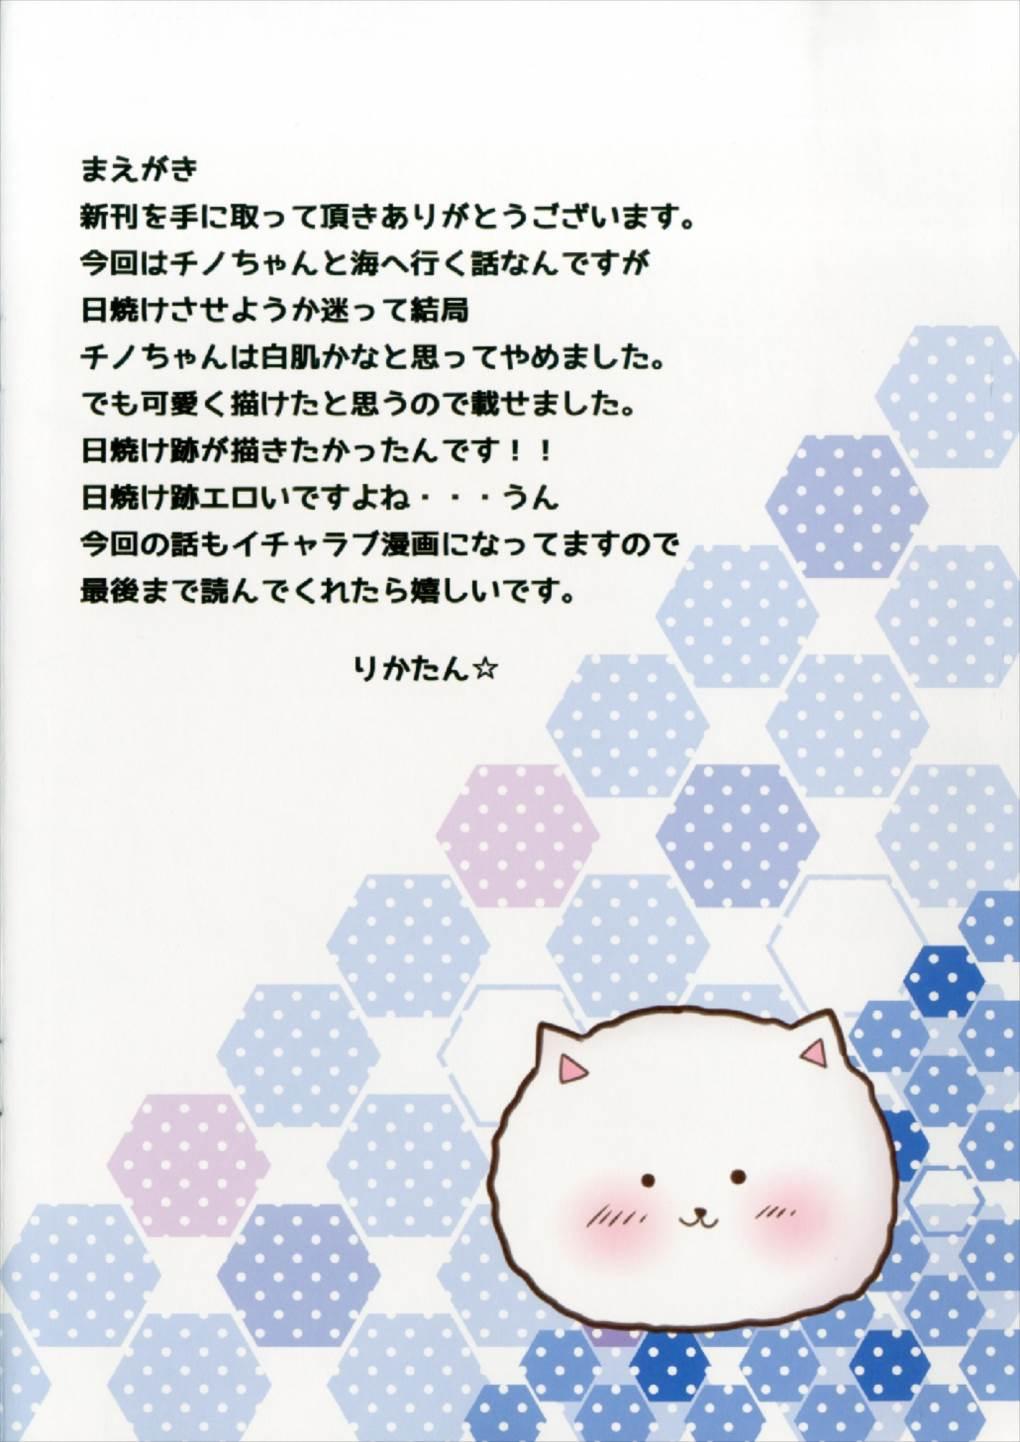 Hình ảnh  in Chino-chan to Natsu no Omoide o Tsukuritai